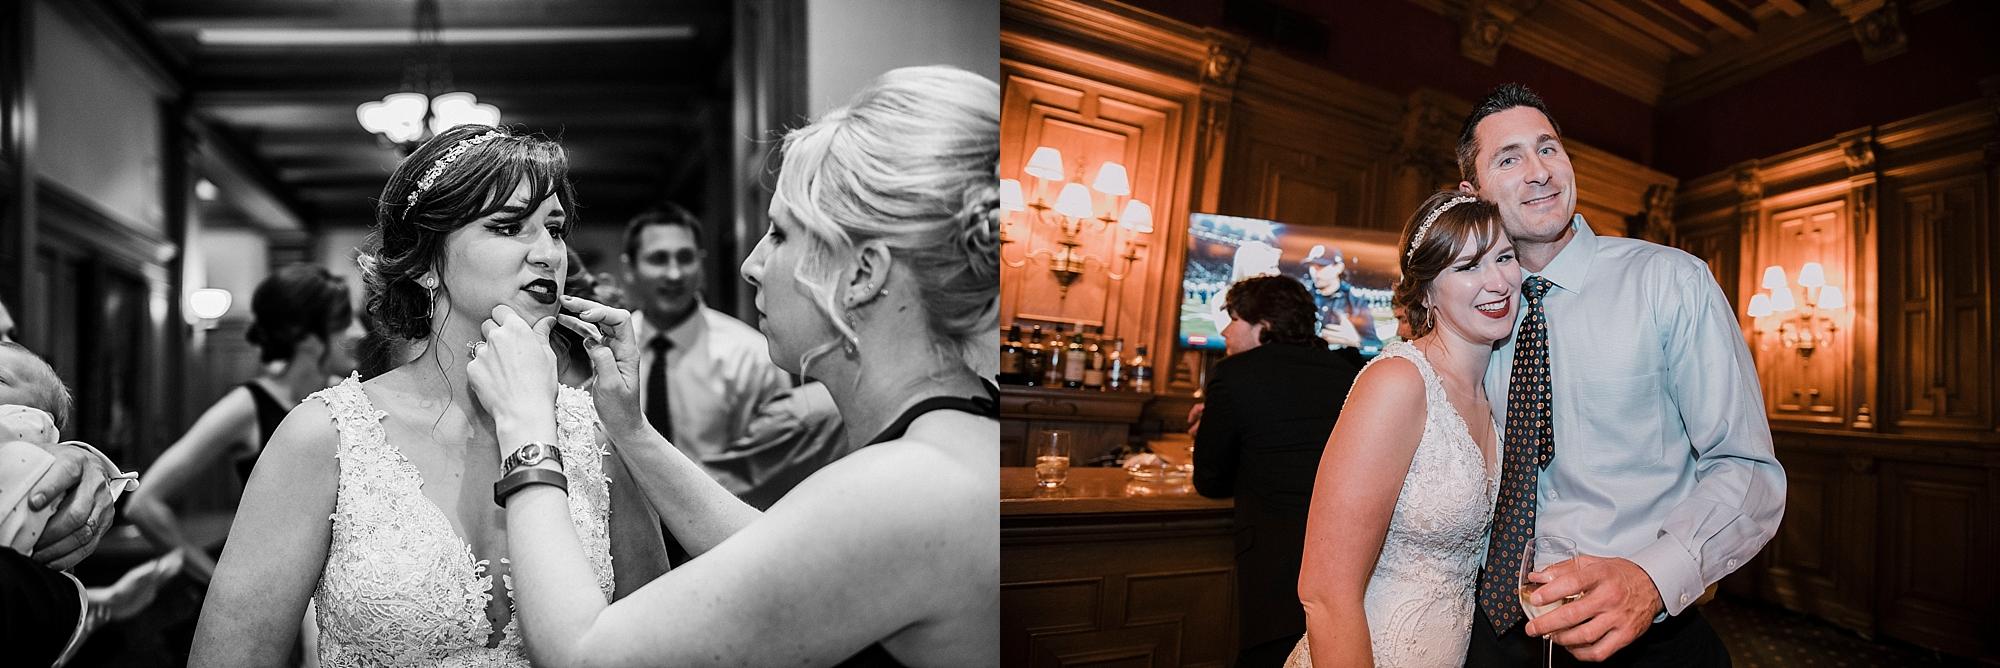 Duquesne-club-wedding-Pittsburgh_0075.jpg